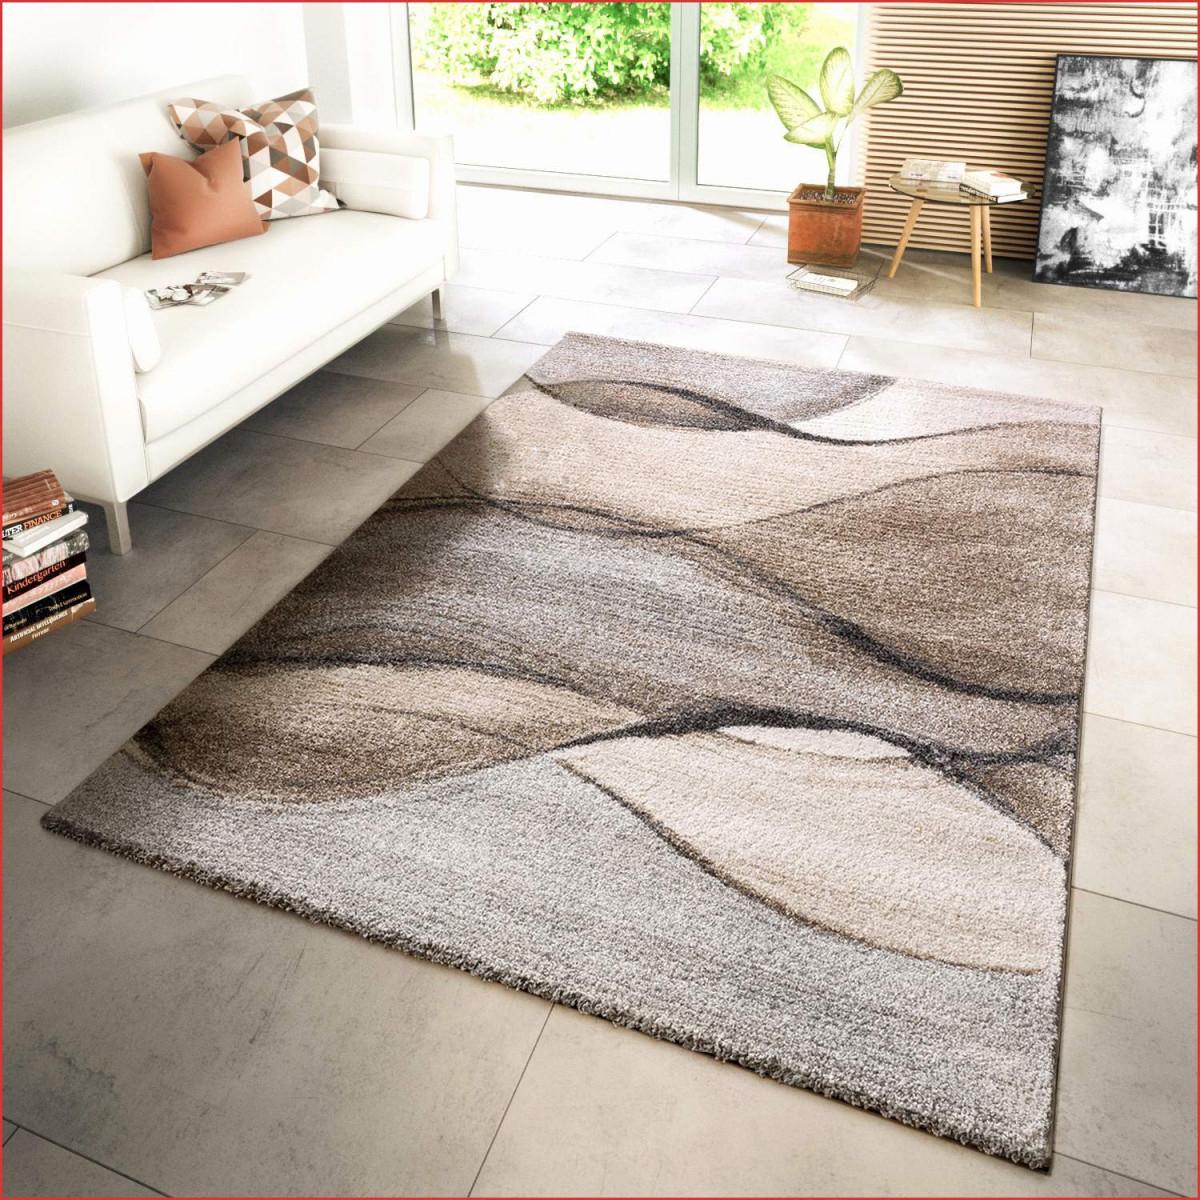 Wohnzimmer Teppiche Schön Wohnzimmer Teppich Rund Ideen Die von Teppich Wohnzimmer Rund Photo